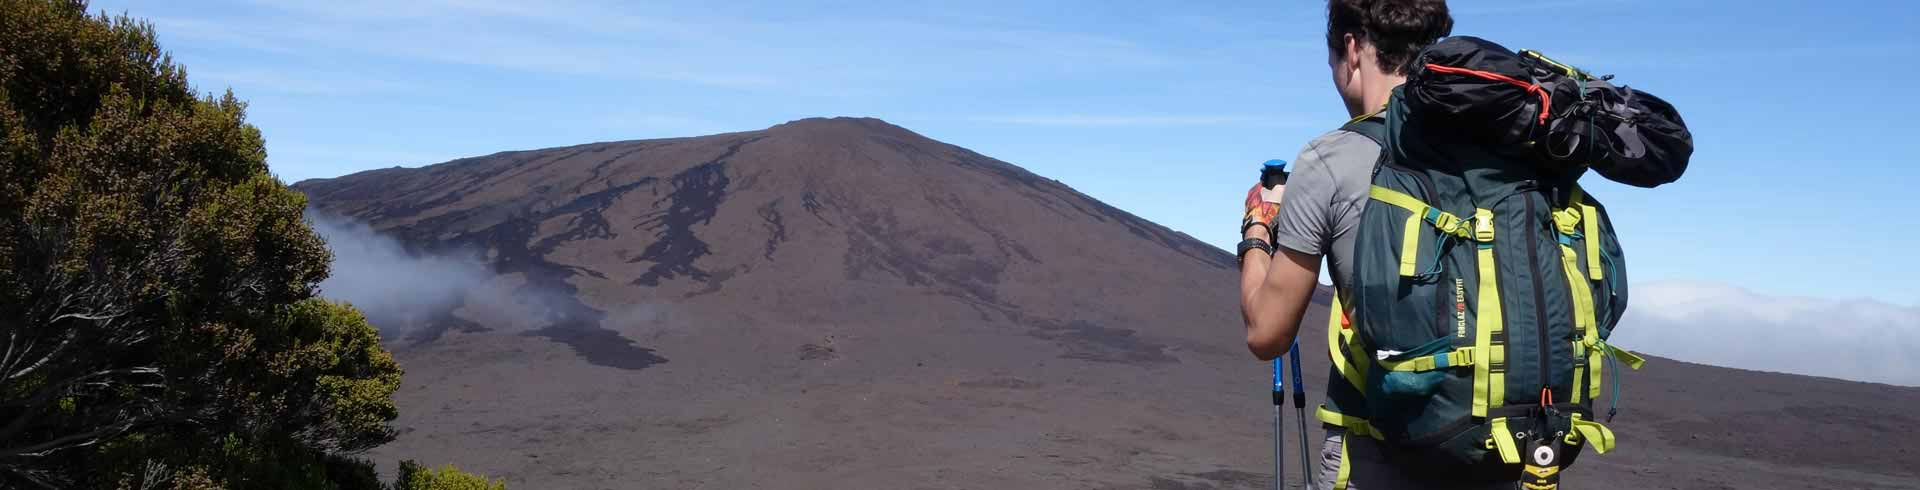 Geführte Rundreisen und Wanderreisen über die Insel La Réunion ...